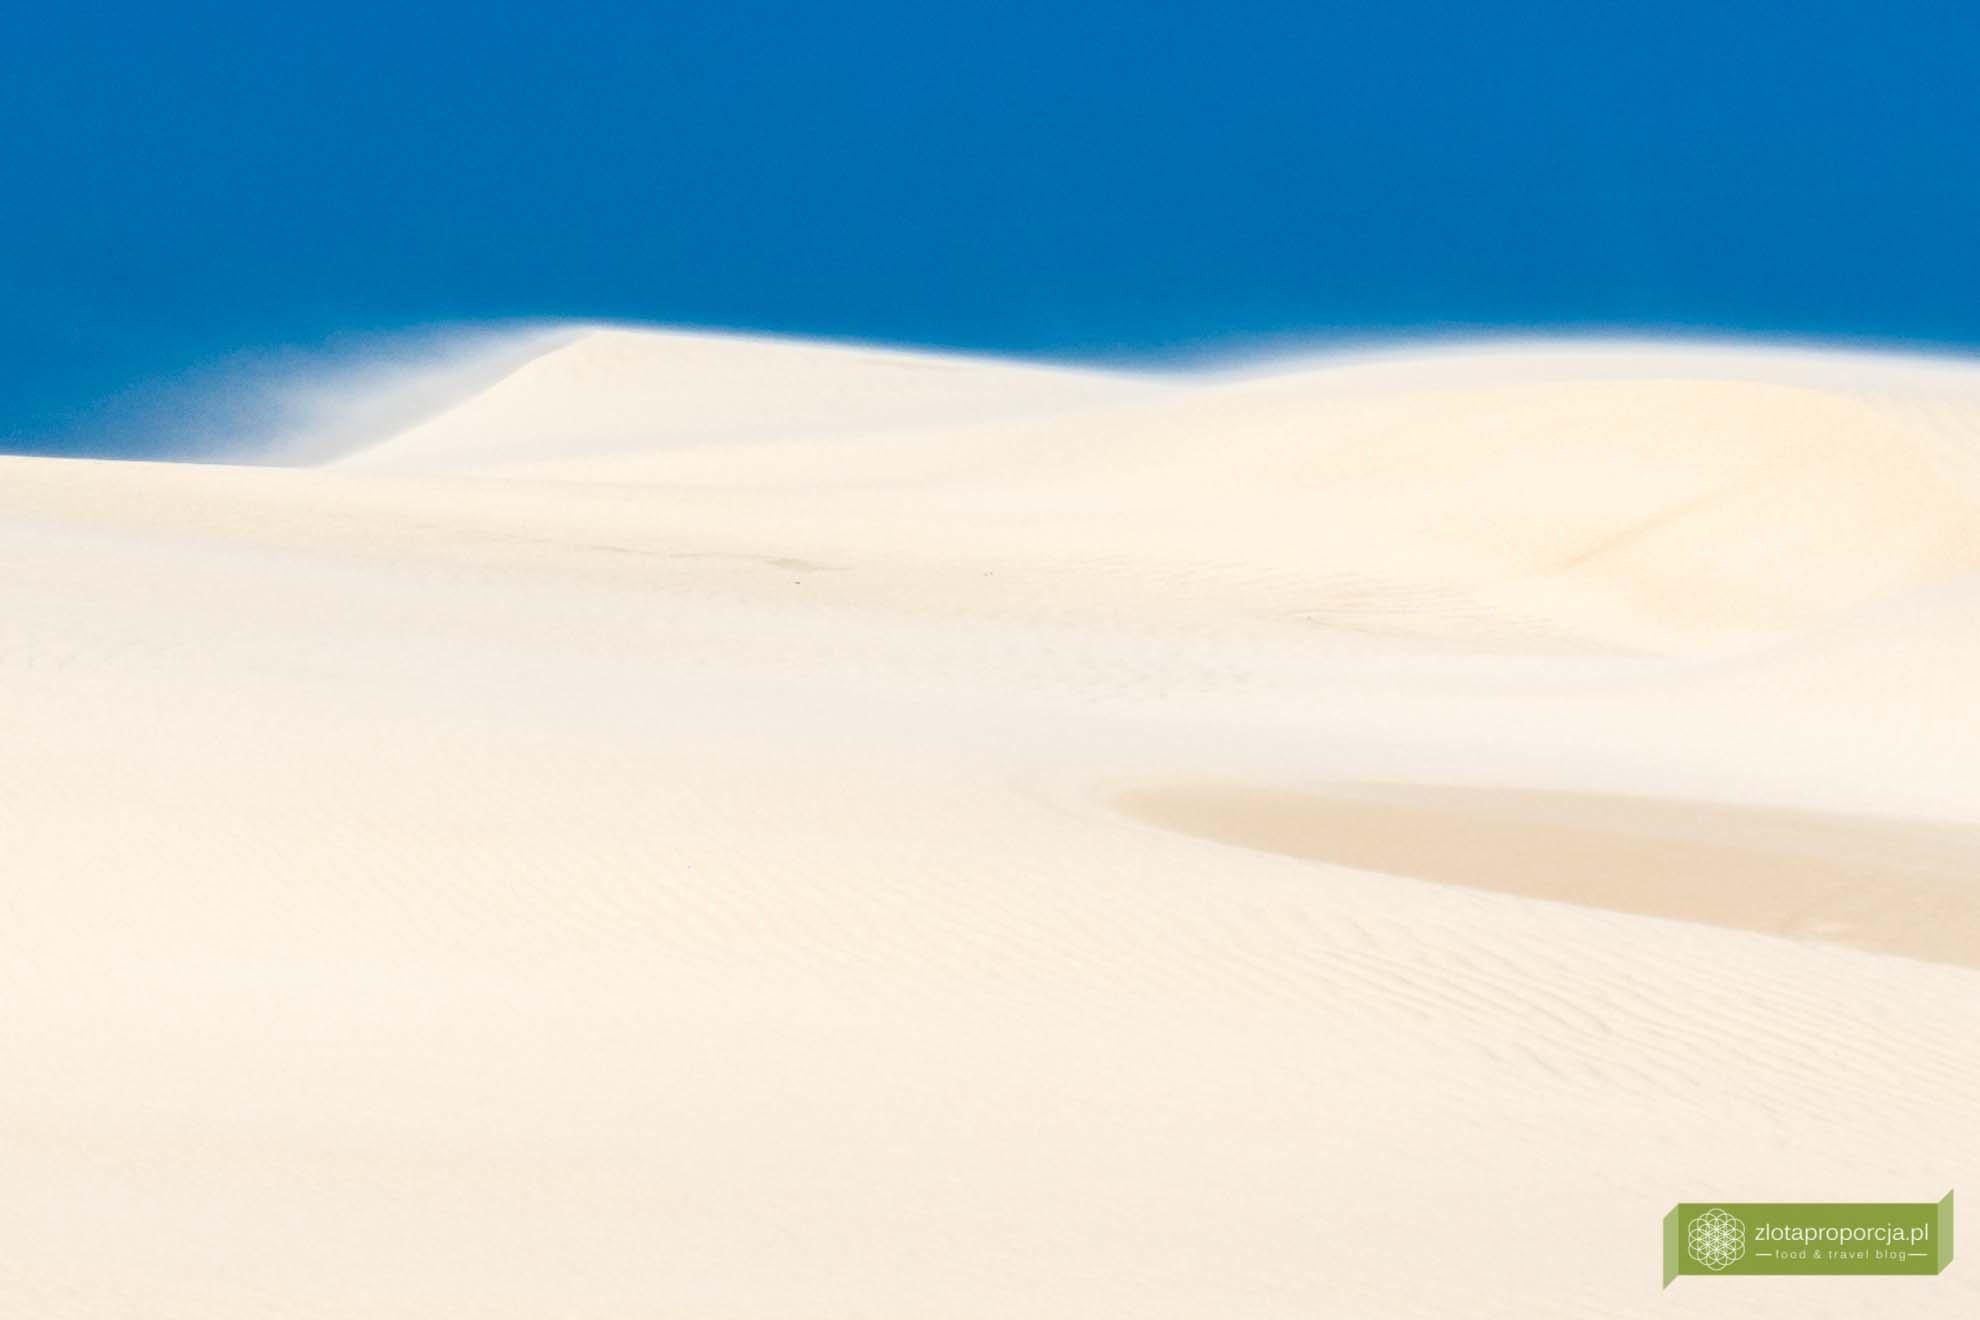 Słowiński Park Narodowy; Morze Bałtyckie, Smołdziński Las; Słowiński Park Narodowy atrakcje; Wydma Łącka; Łeba; ruchome wydmy Słowiński Park NArodowy; ruchome wydmy; ruchome wydmy Łeba;